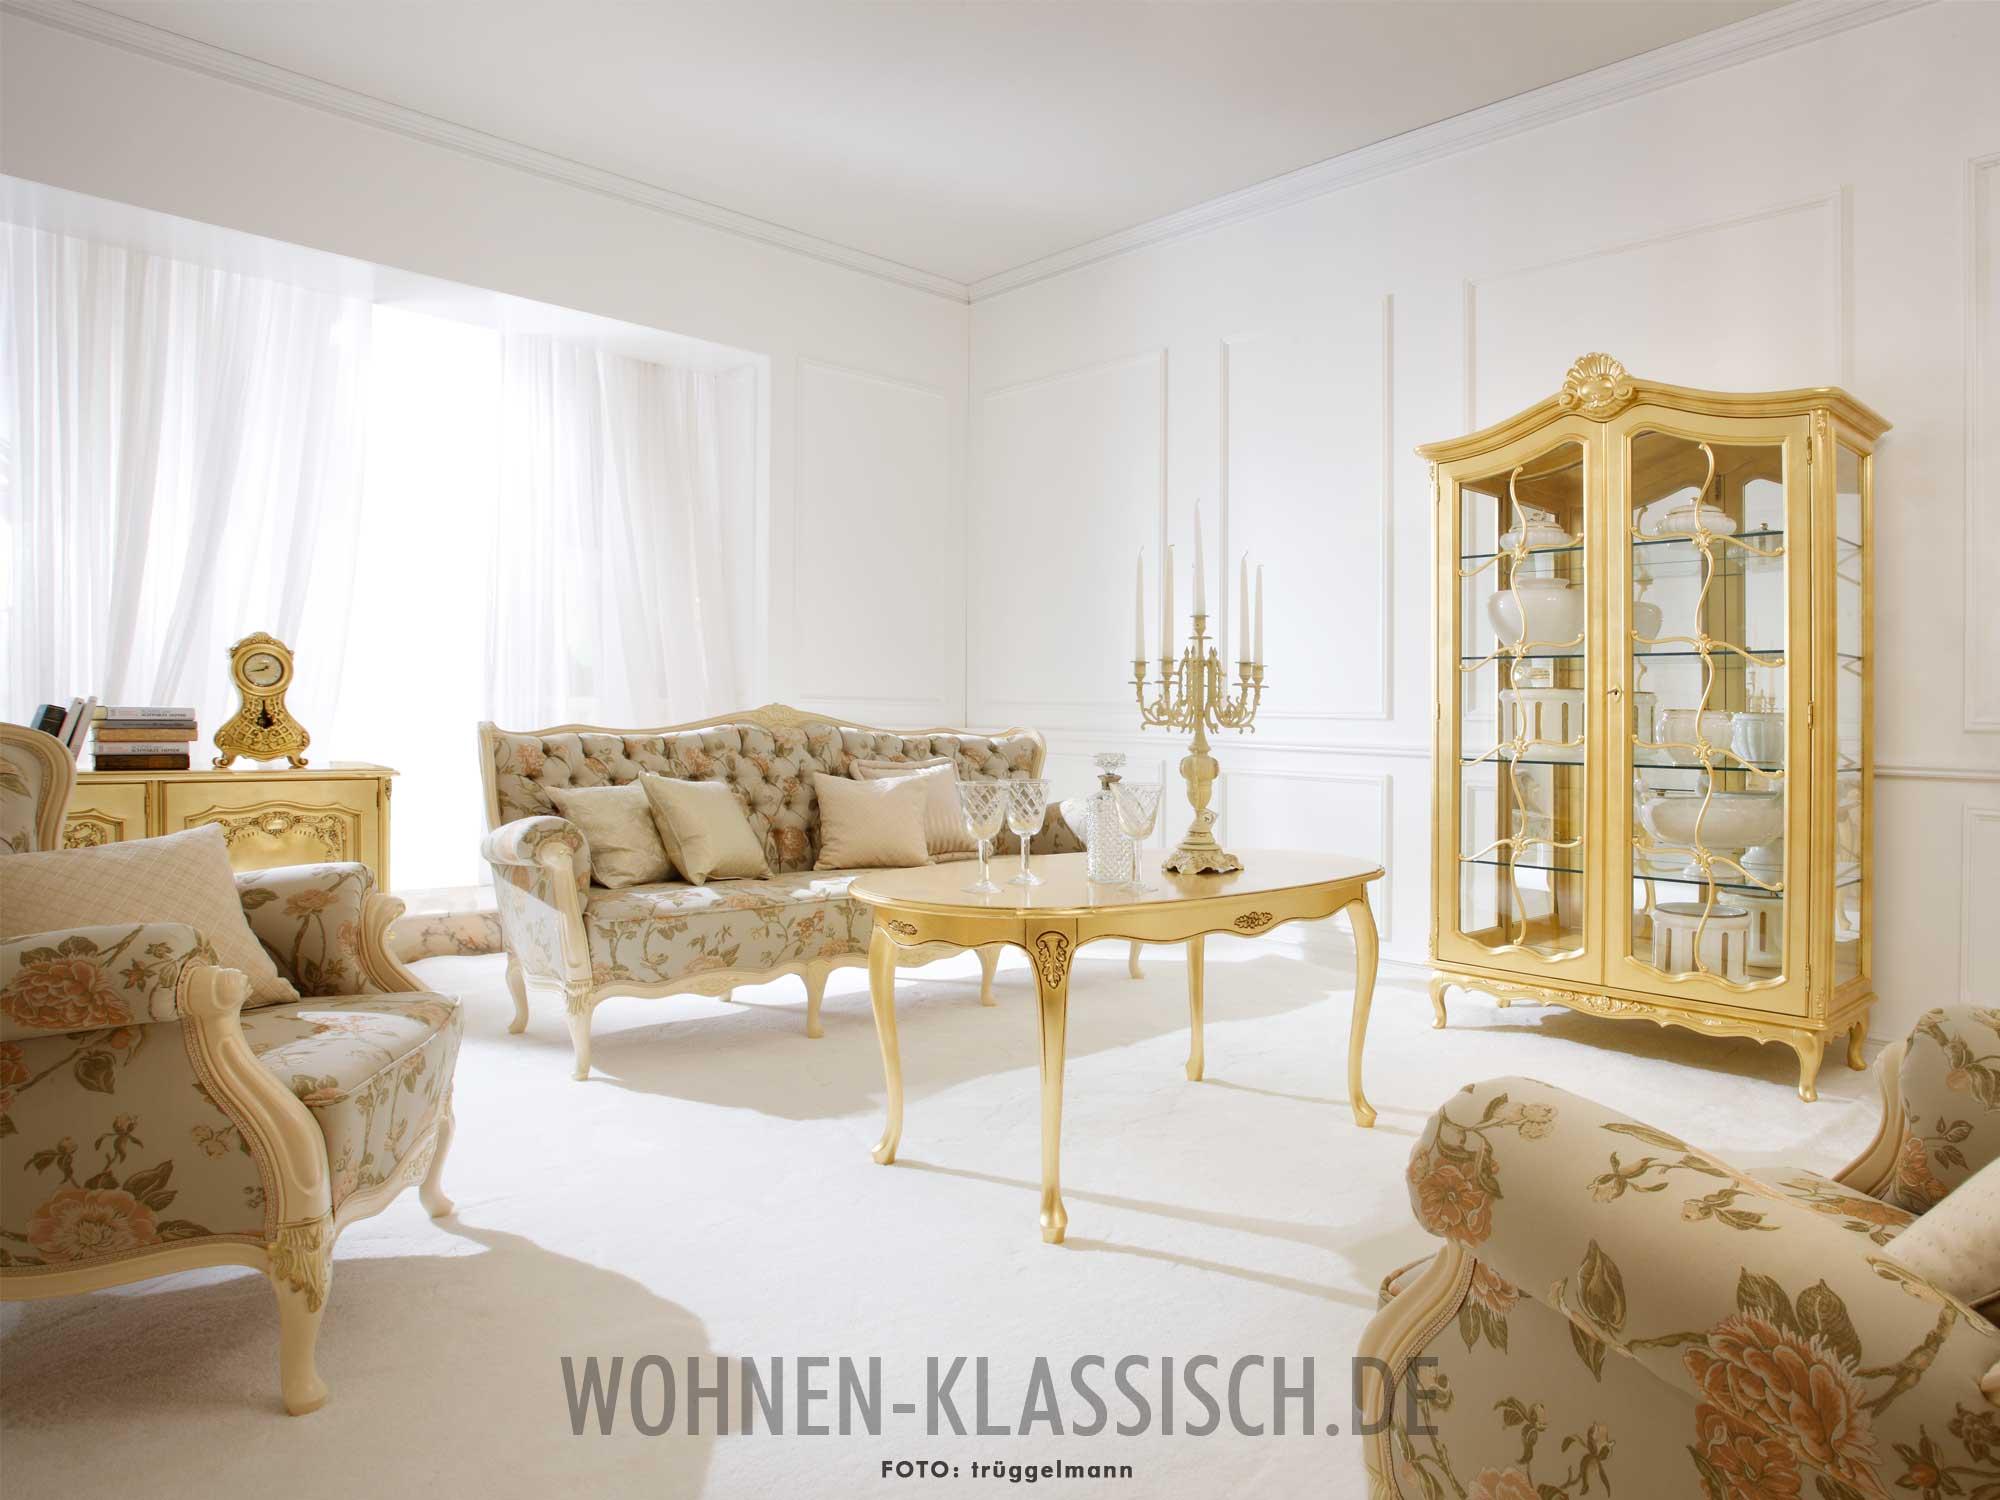 Trüggelmann KLASSISCH WOHNEN - Truggelmann schlafzimmer